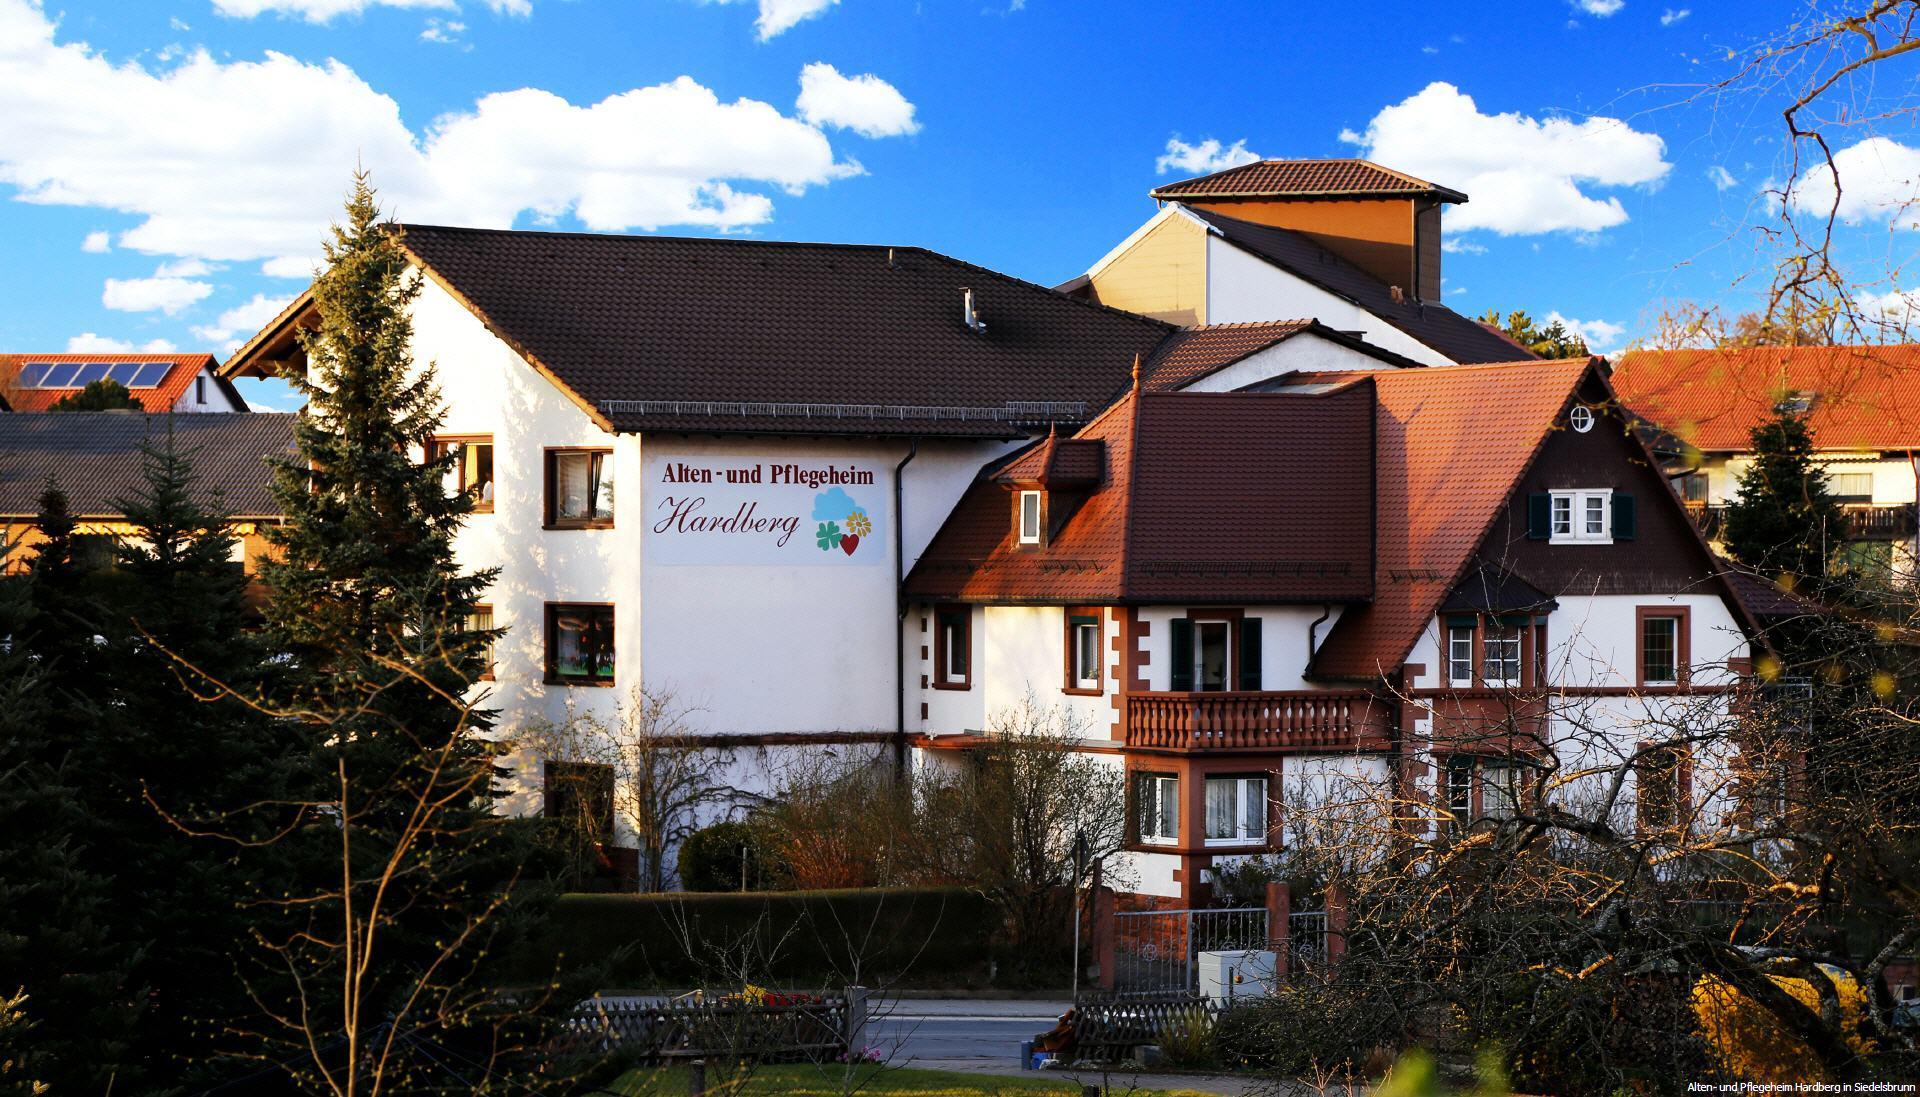 Alten-und Pflegeheim Hardberg